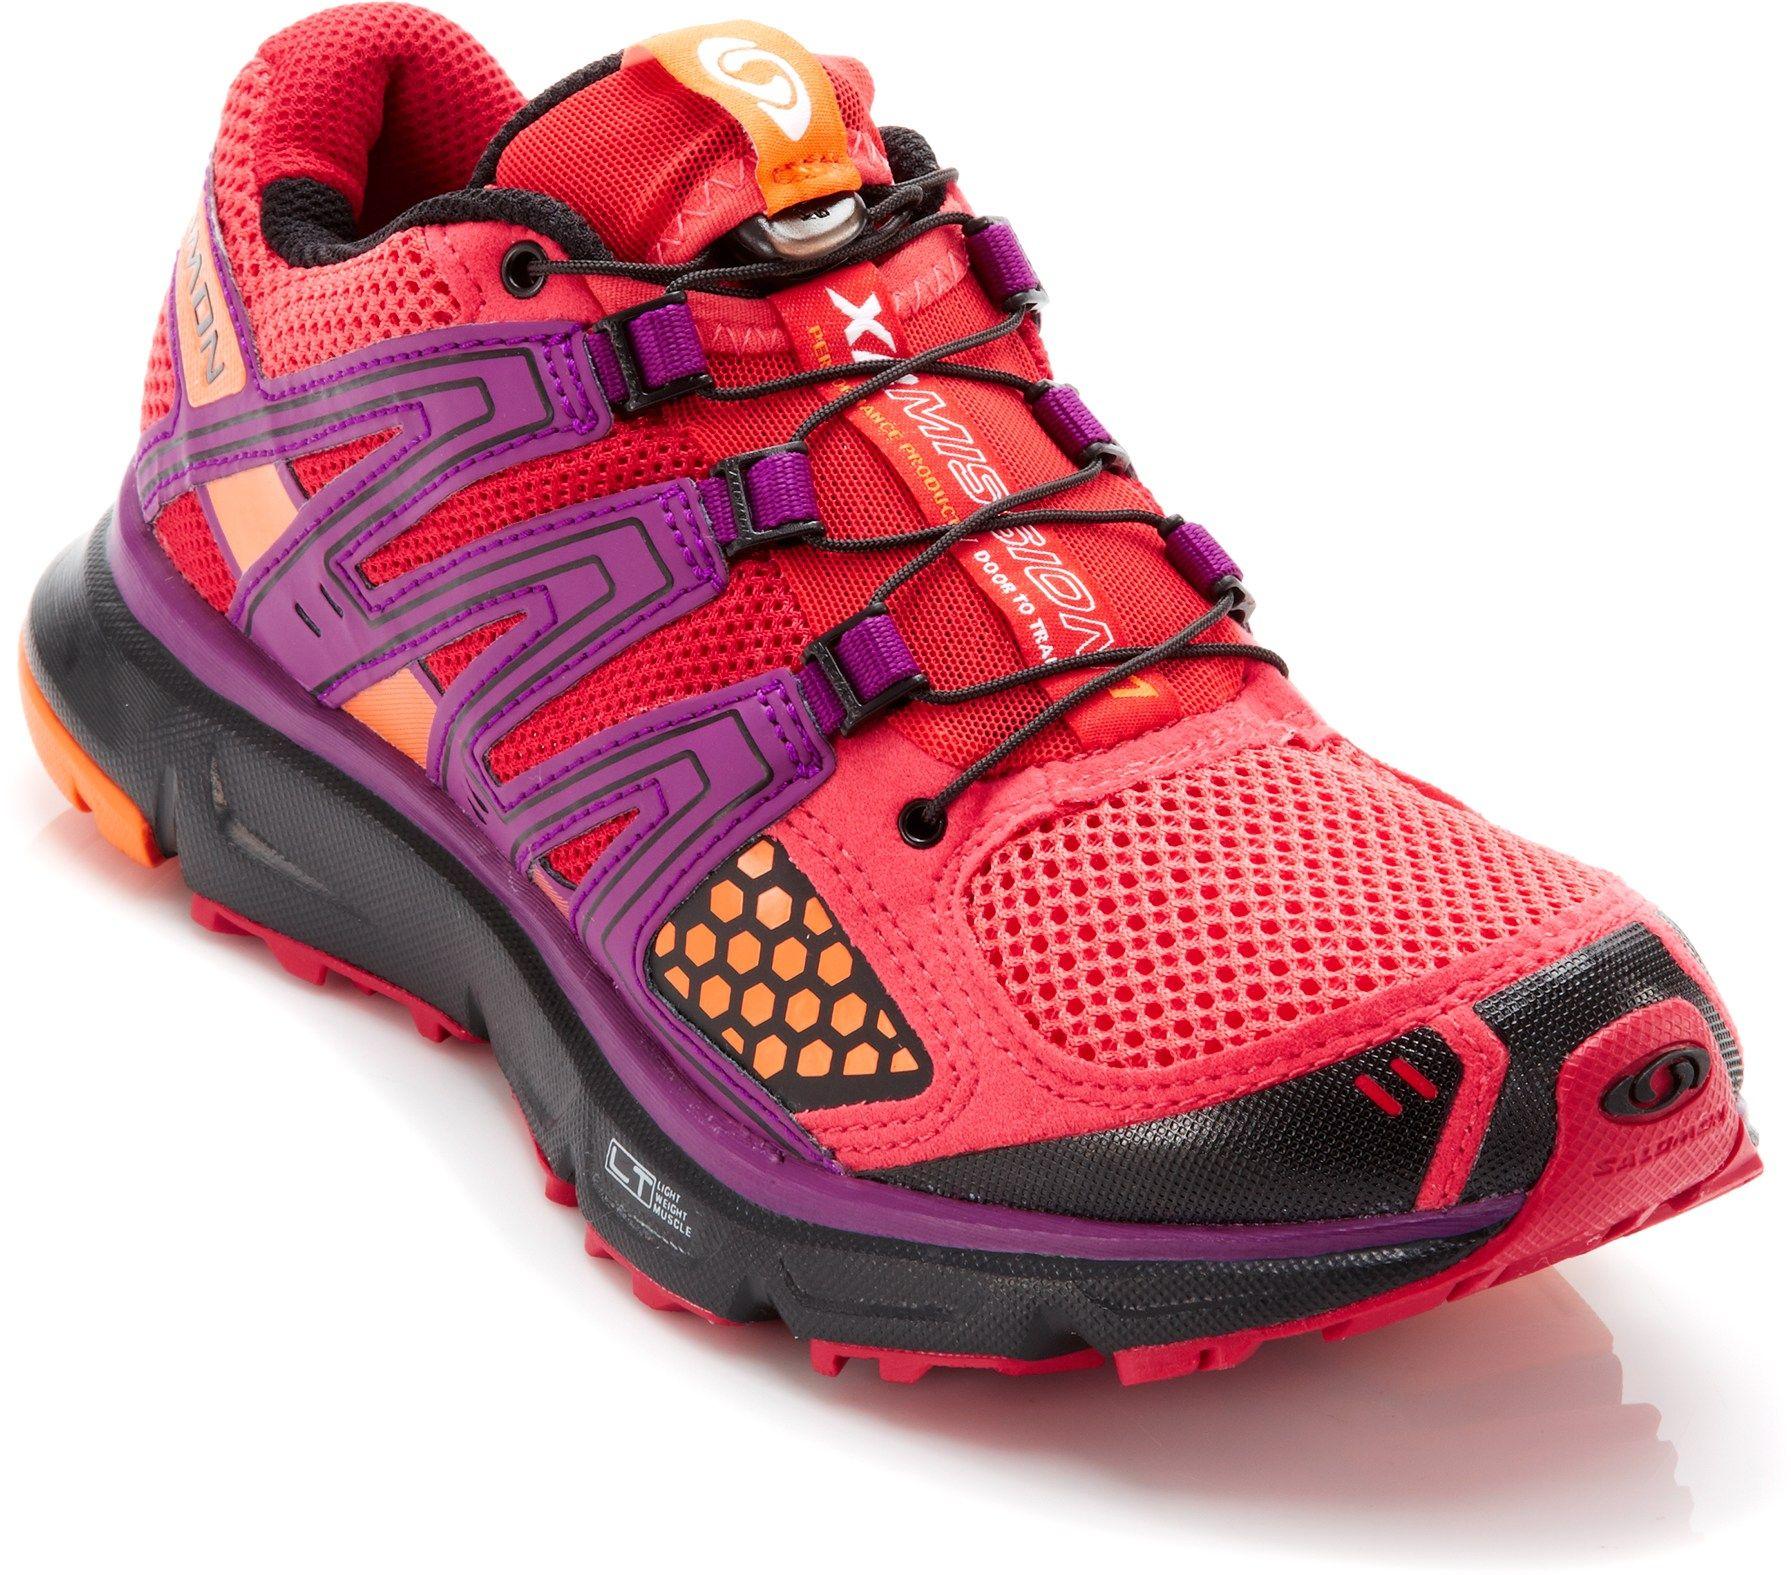 Salomon Xr Mission Trail Running Shoes Women S Schuhe Sportkleidung Bekleidung